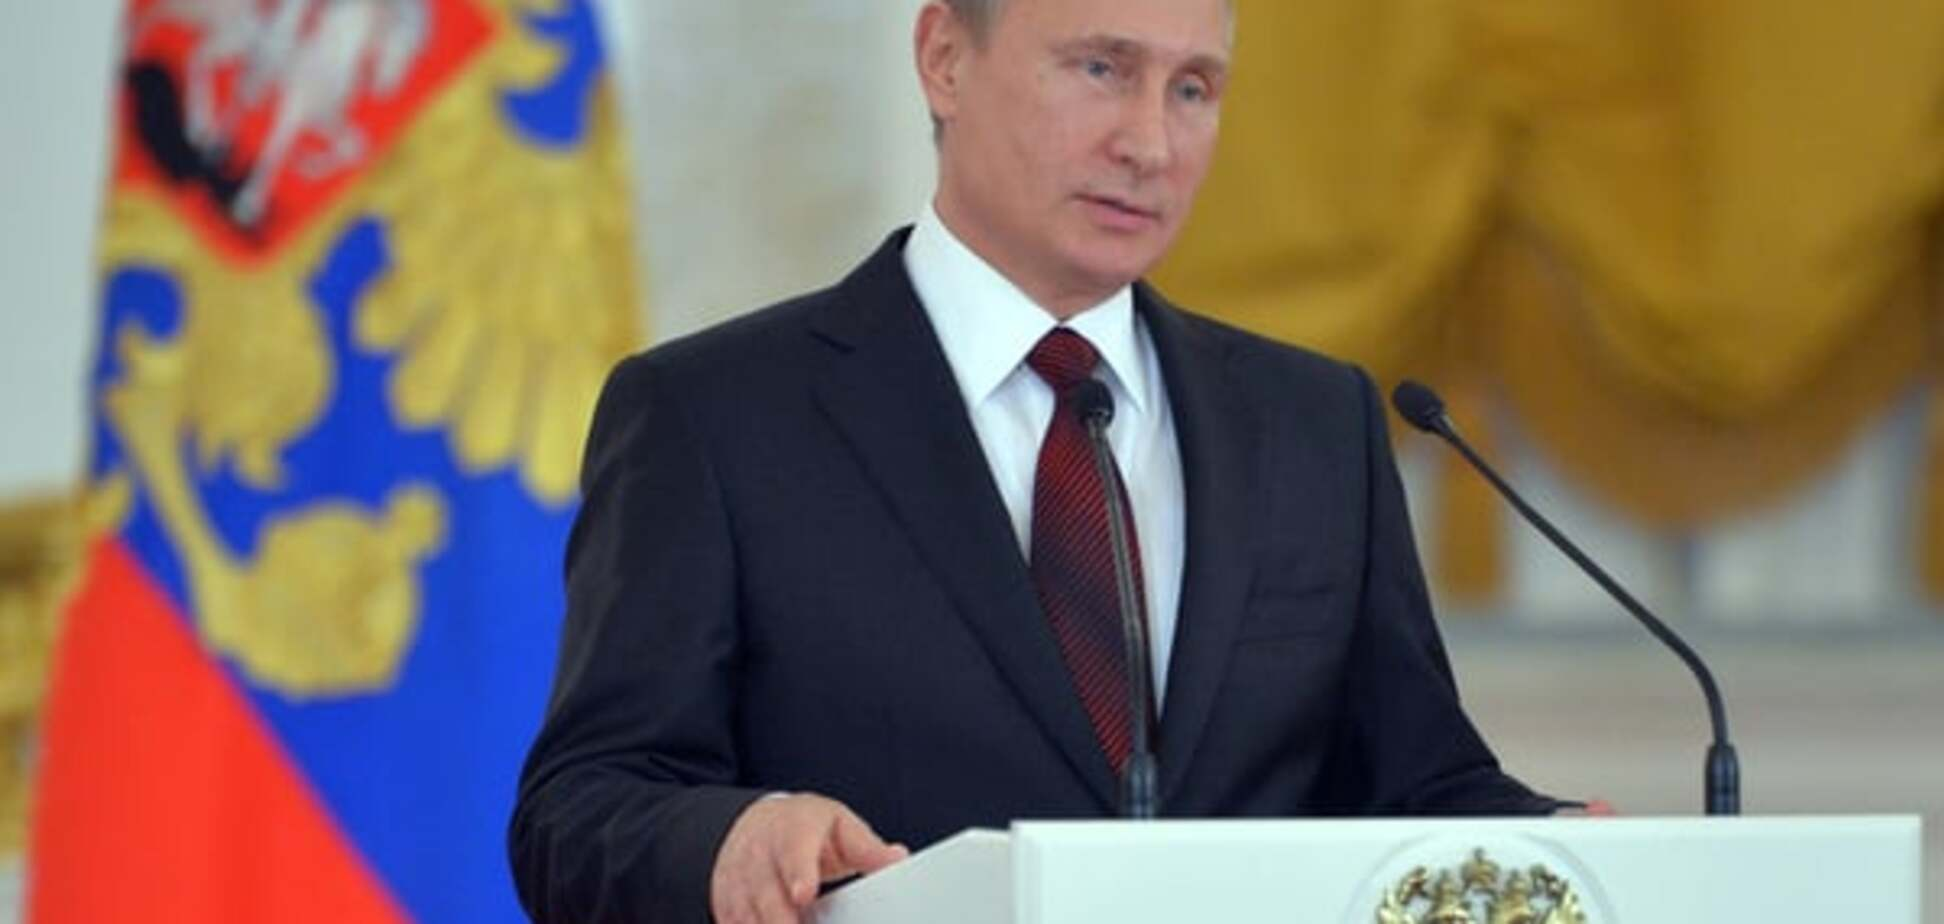 Кремль признал, что война в Сирии бессмысленна, элиты отрекаются от Путина - Пионтковский